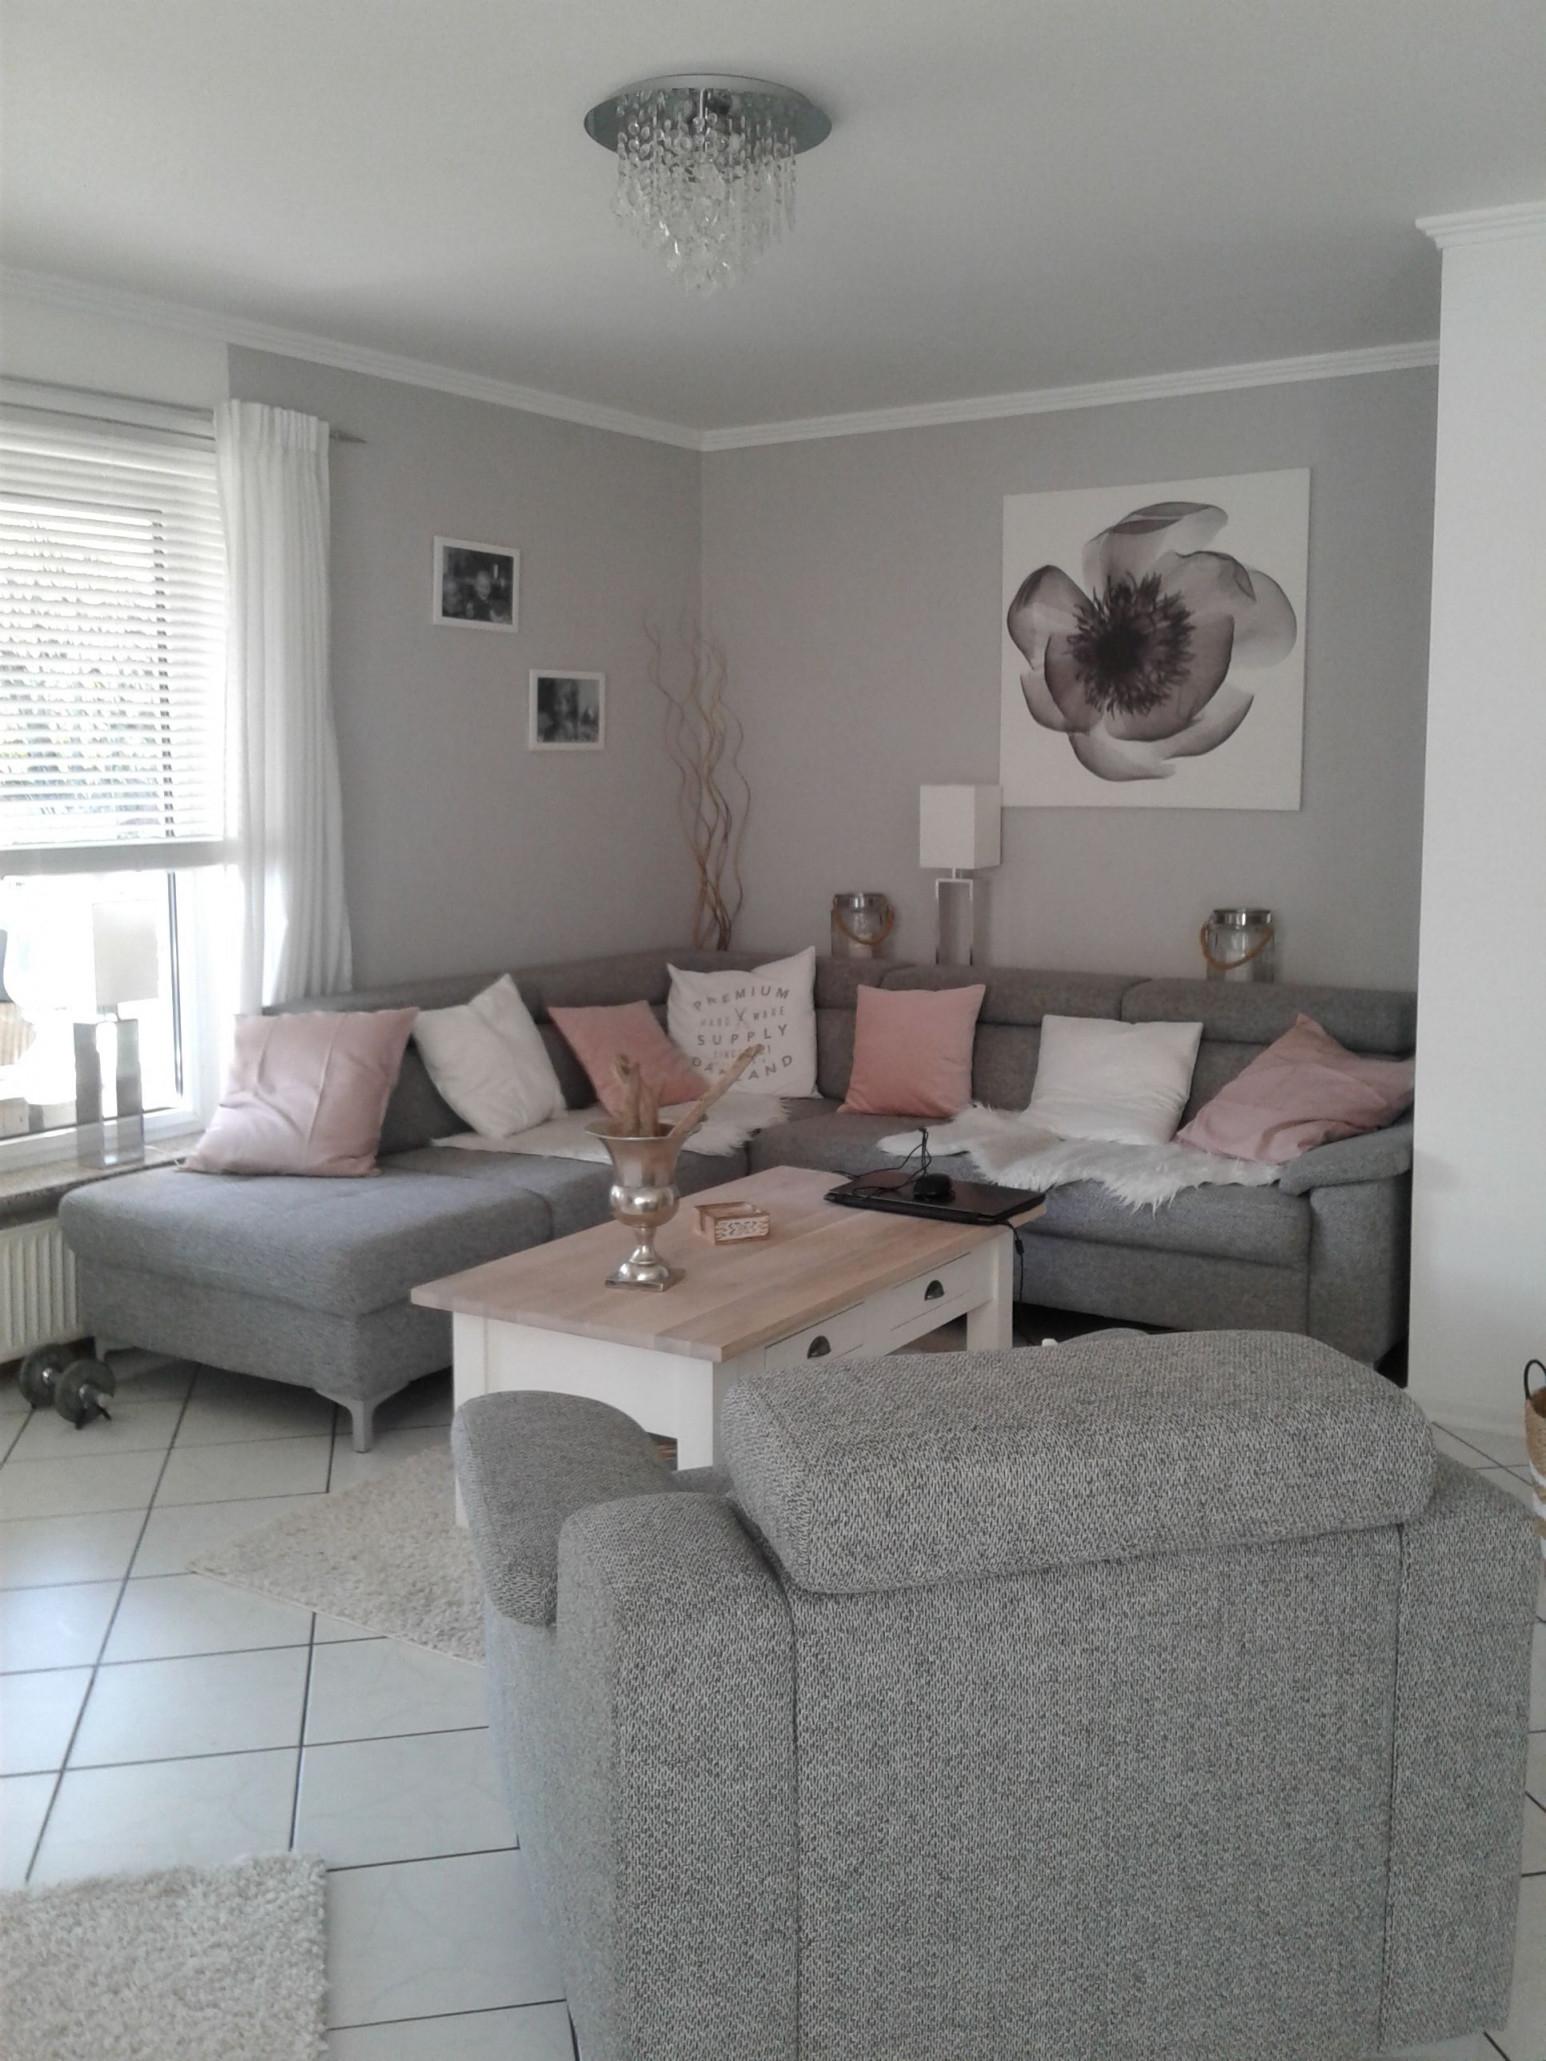 Wohnzimmer In Grau Weiß Und Farbtupfer In Matt Rosa von Weißes Wohnzimmer Einrichten Photo